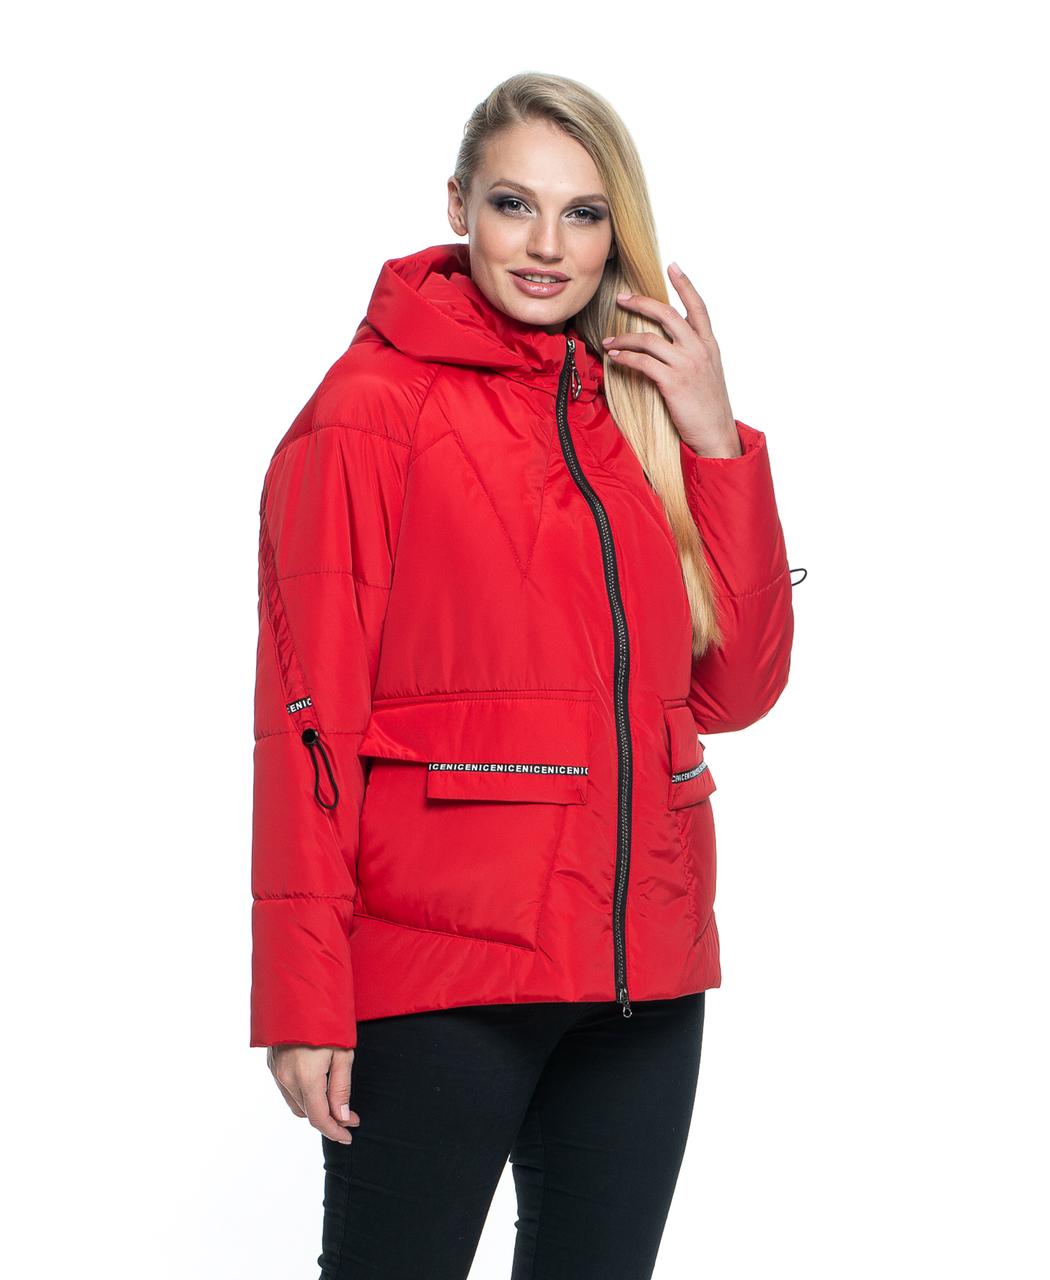 Модна червона куртка з капюшоном від виробника